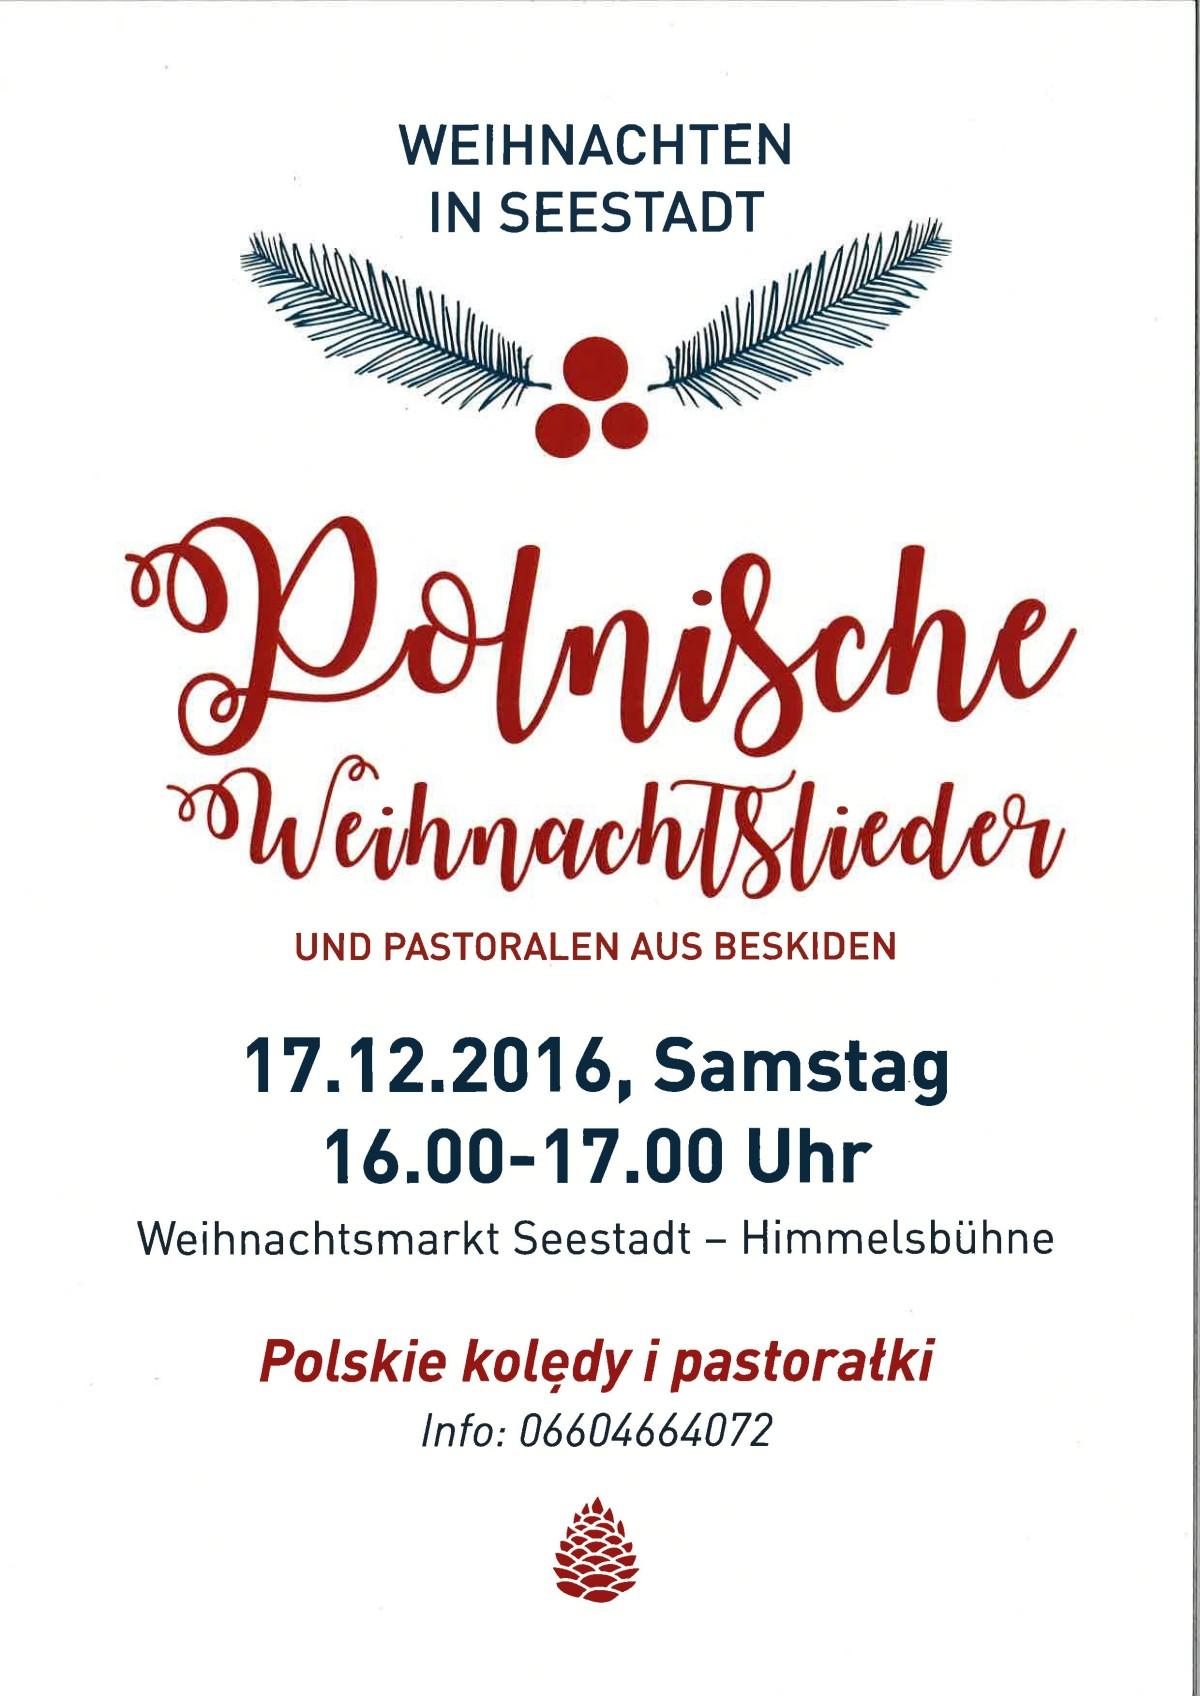 Polnische Weihnachtslieder Texte.Polskie Kol Dy Polnische Weihnachtslieder Aspern Die Seestadt Wiens